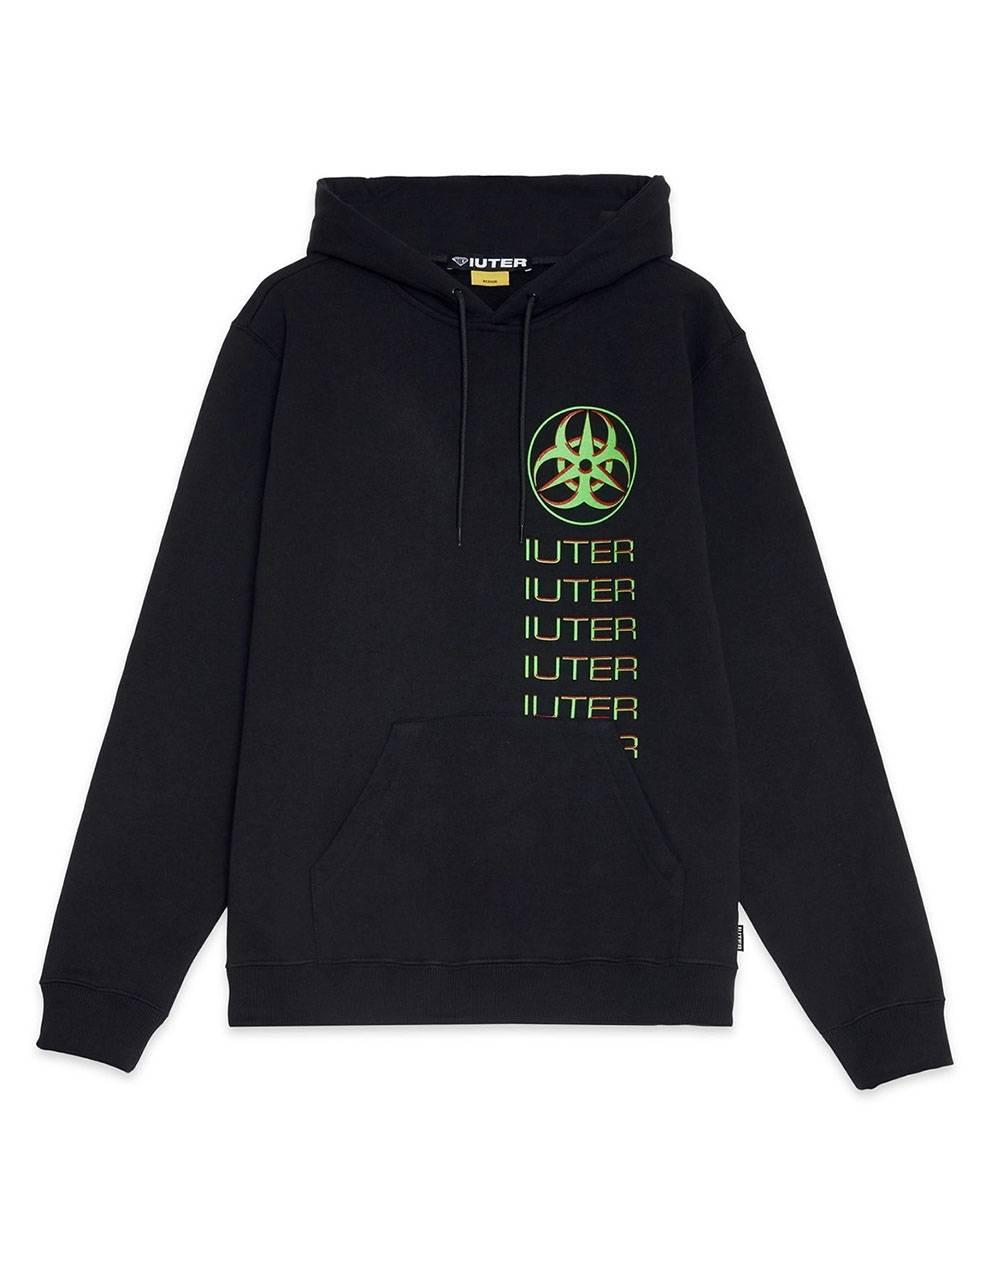 Iuter Toxic hoodie - Black IUTER Sweater 95,00€